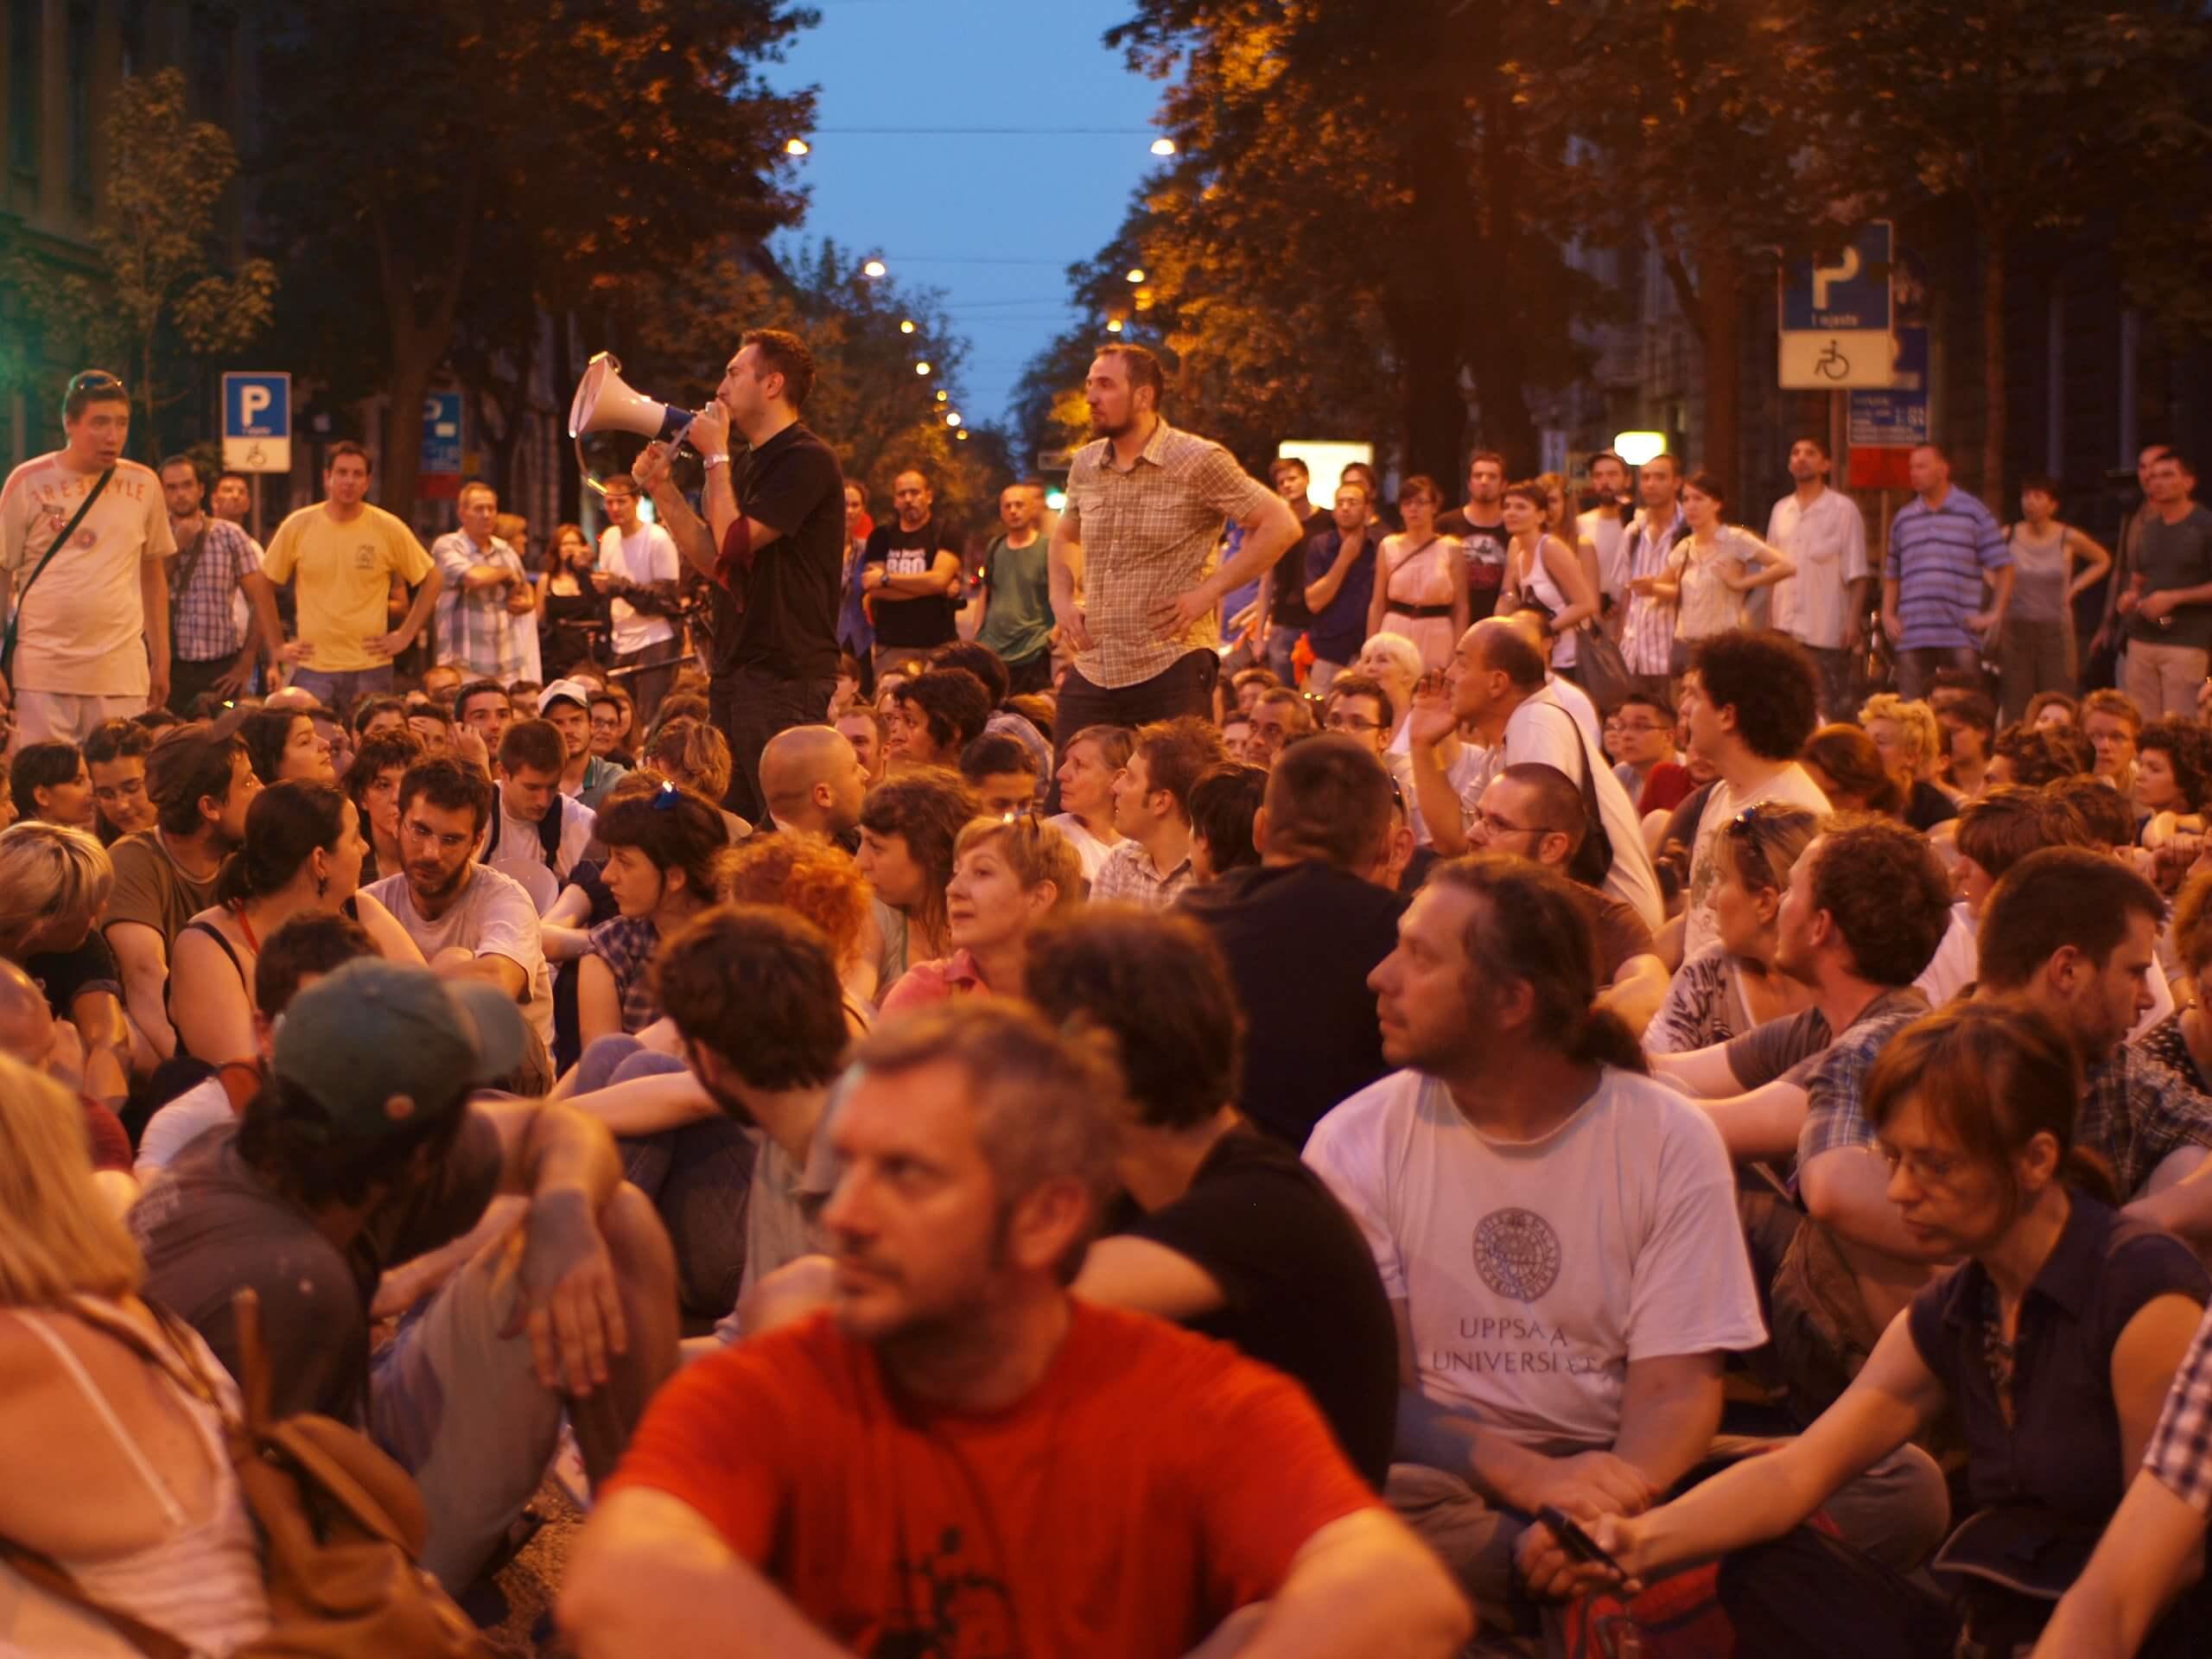 Protest for Varšavska Street in 2010 by Tomislav Medak